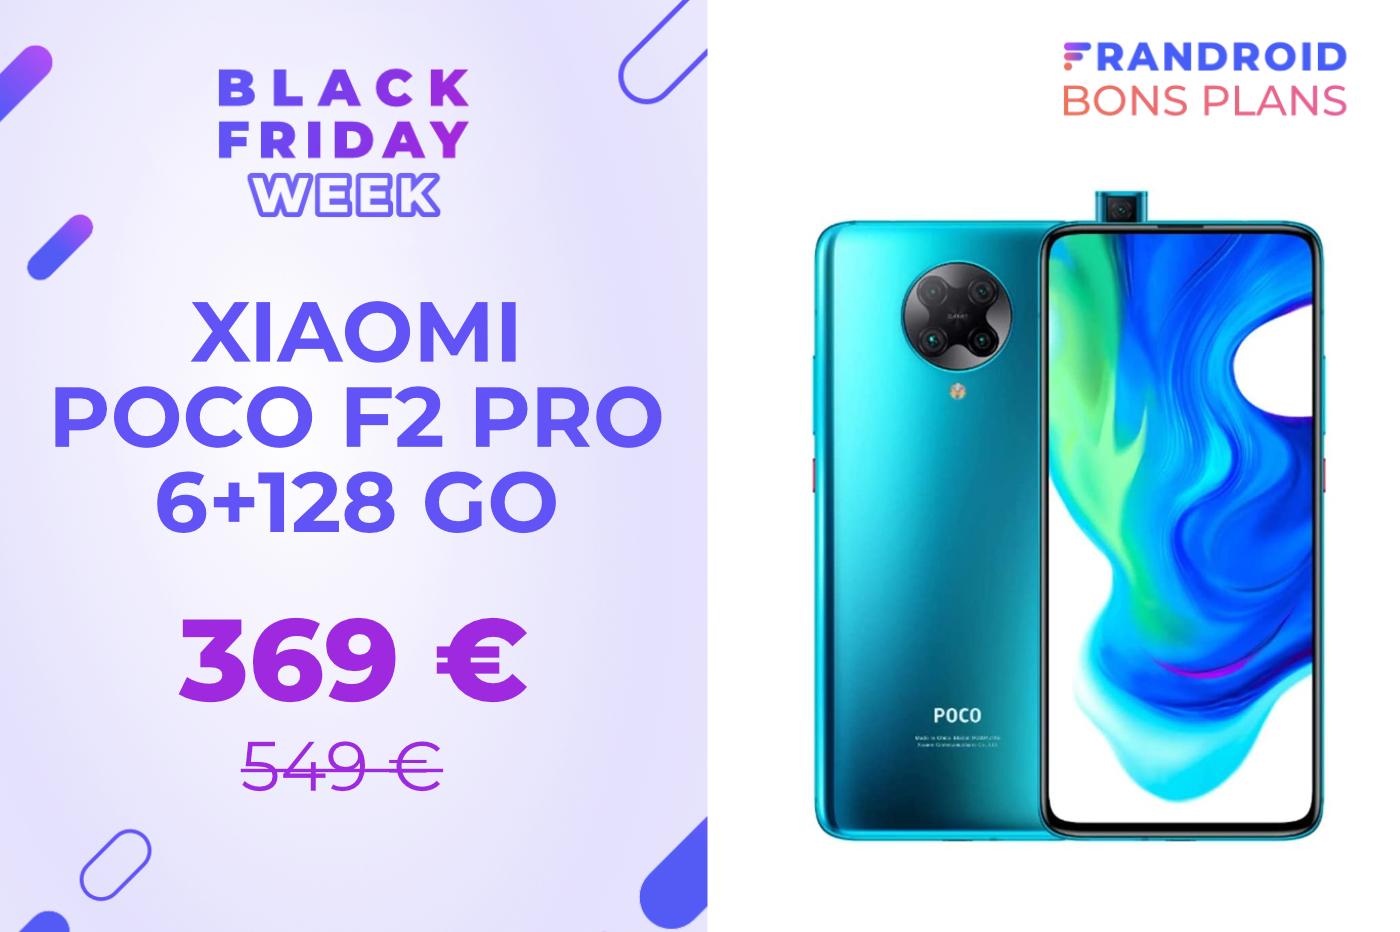 Le Xiaomi Poco F2 Pro n'a jamais été aussi abordable que pendant le Black Friday